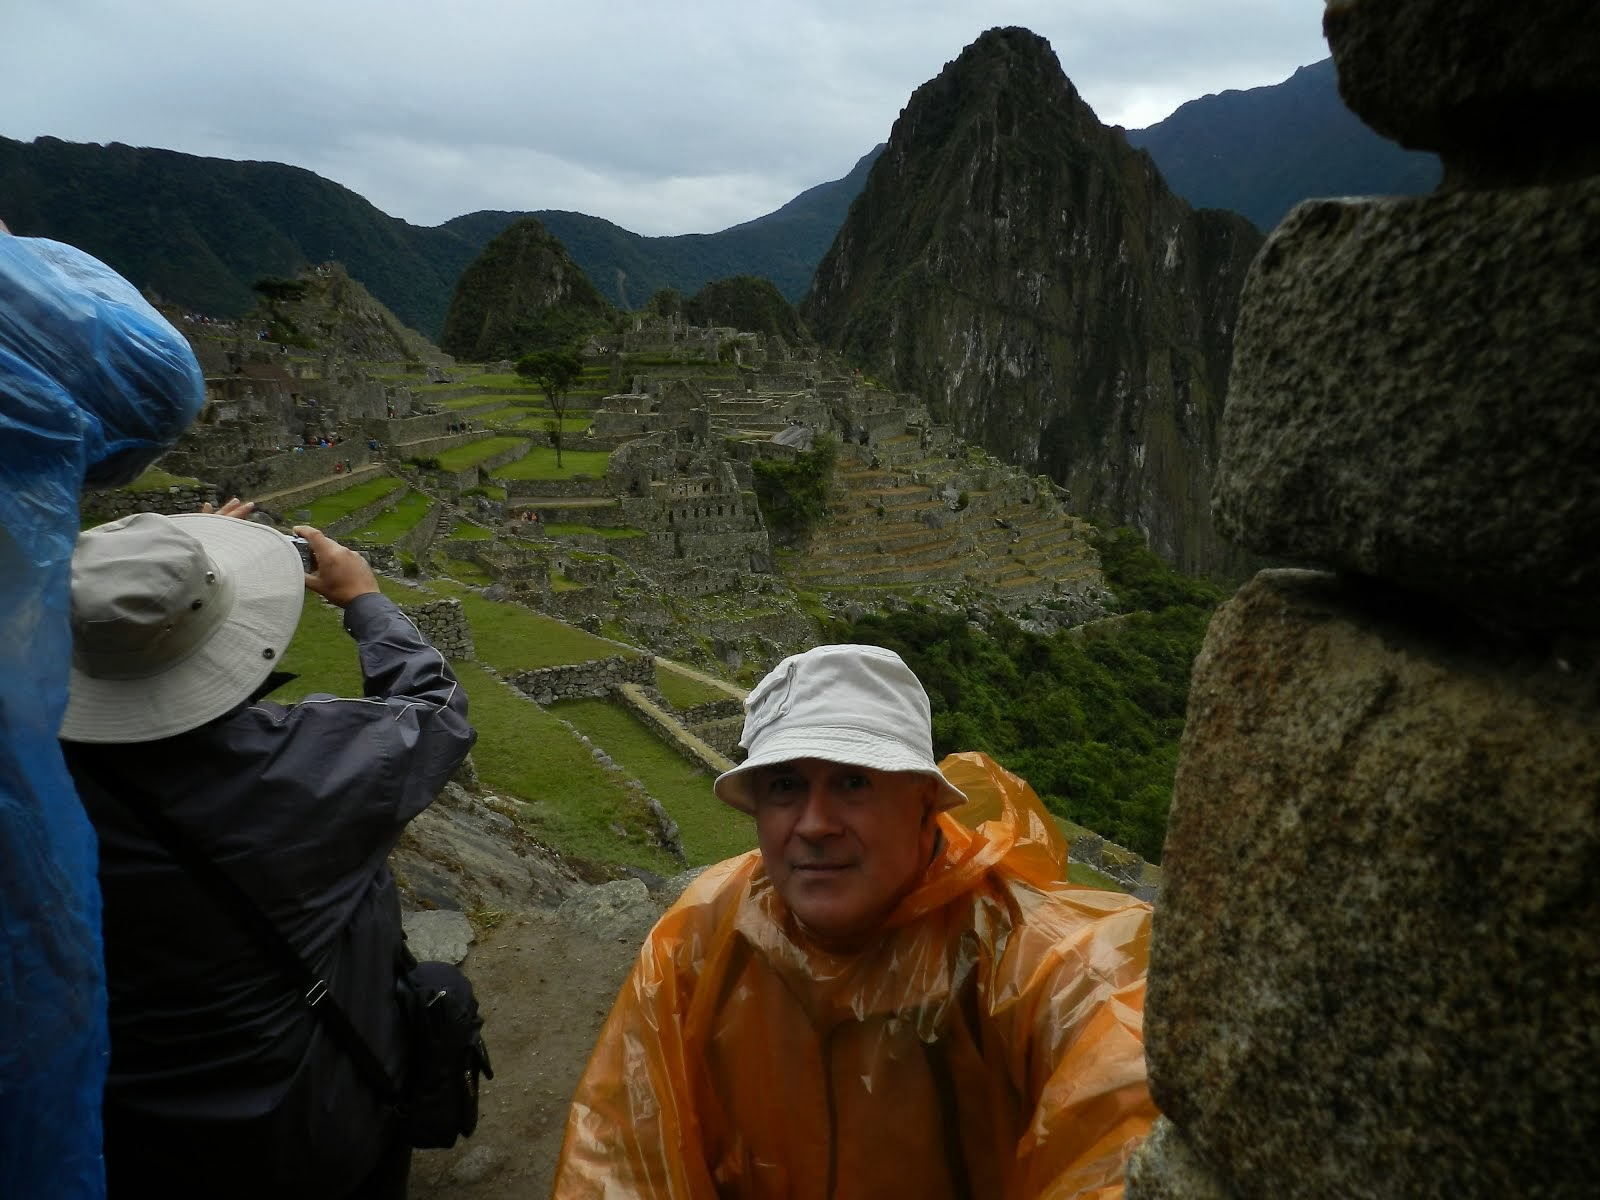 En Perú (julio 2013)